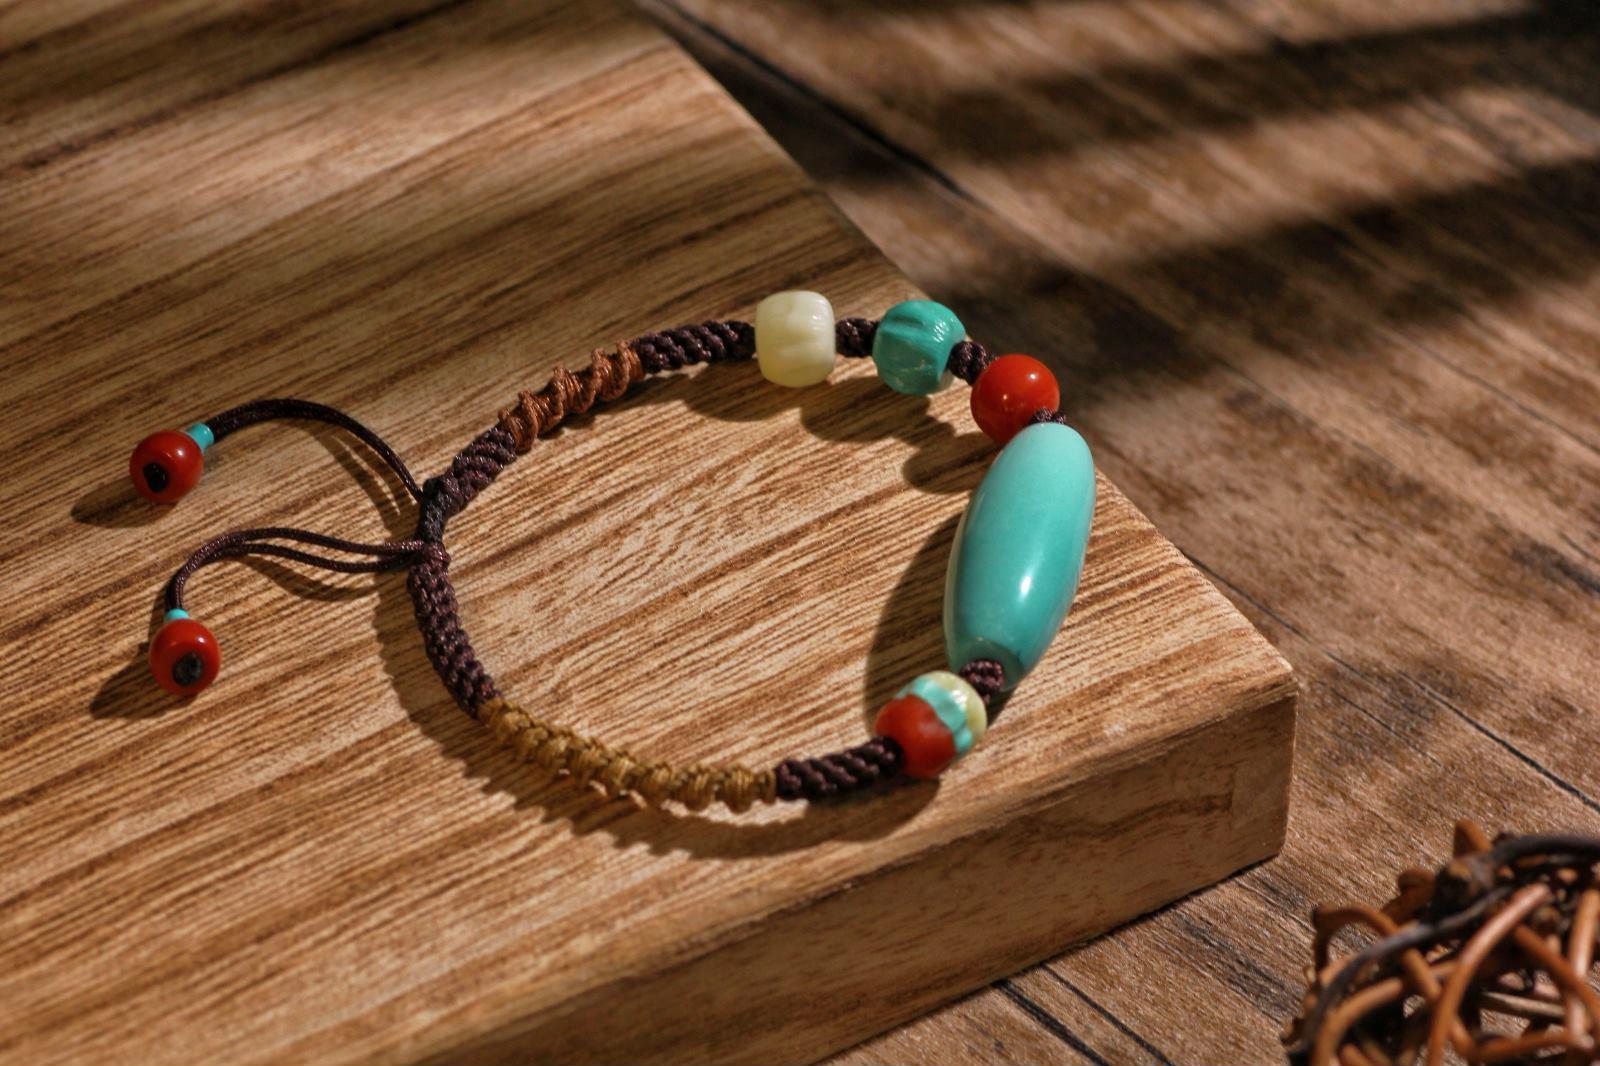 升级版天珠手链回来啦~柏香珠、雕刻珠安排上,风雅不减,素净依旧。